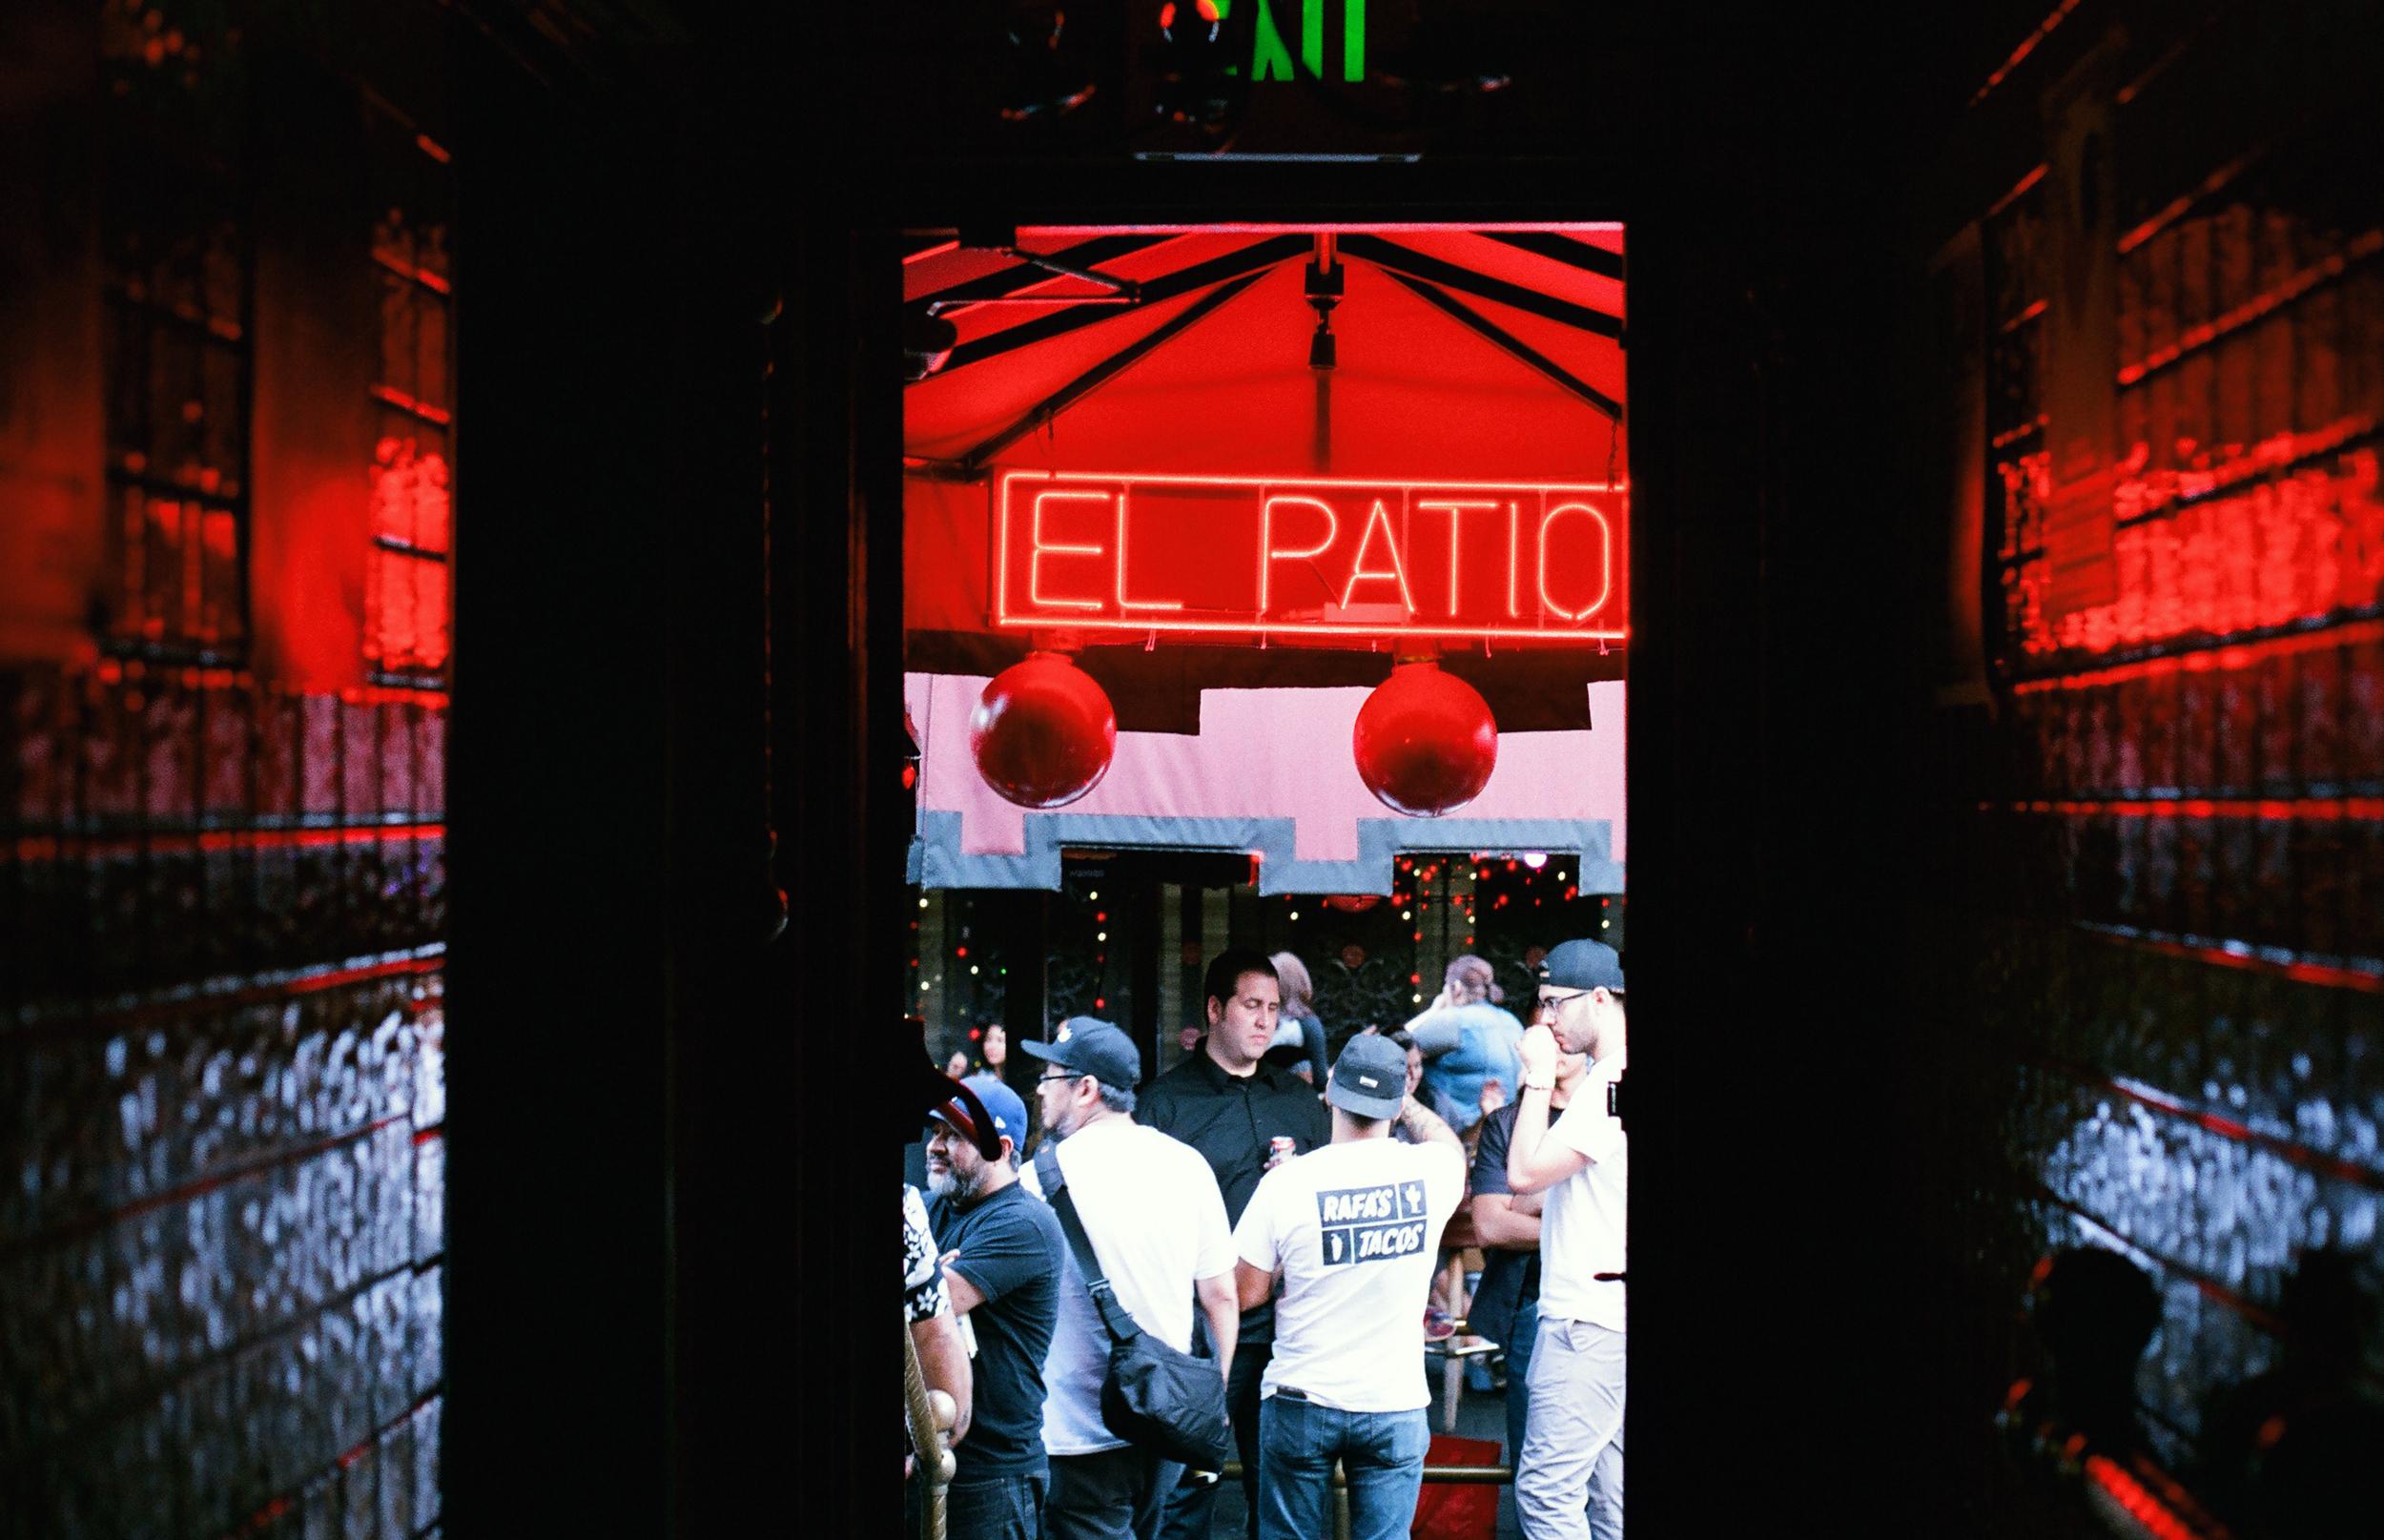 El Patio. Downtown LA. 35mm.